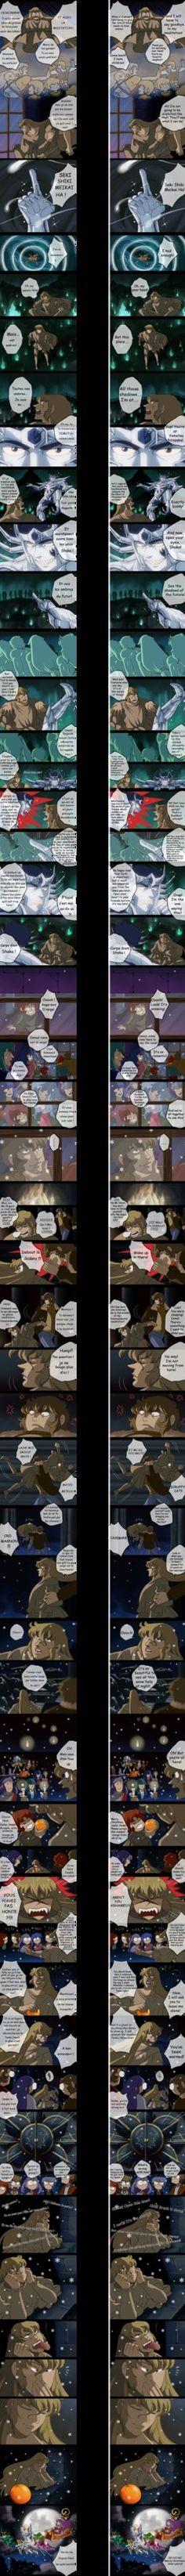 saintSeiya parodie4 suite 4 by Korin2b on DeviantArt